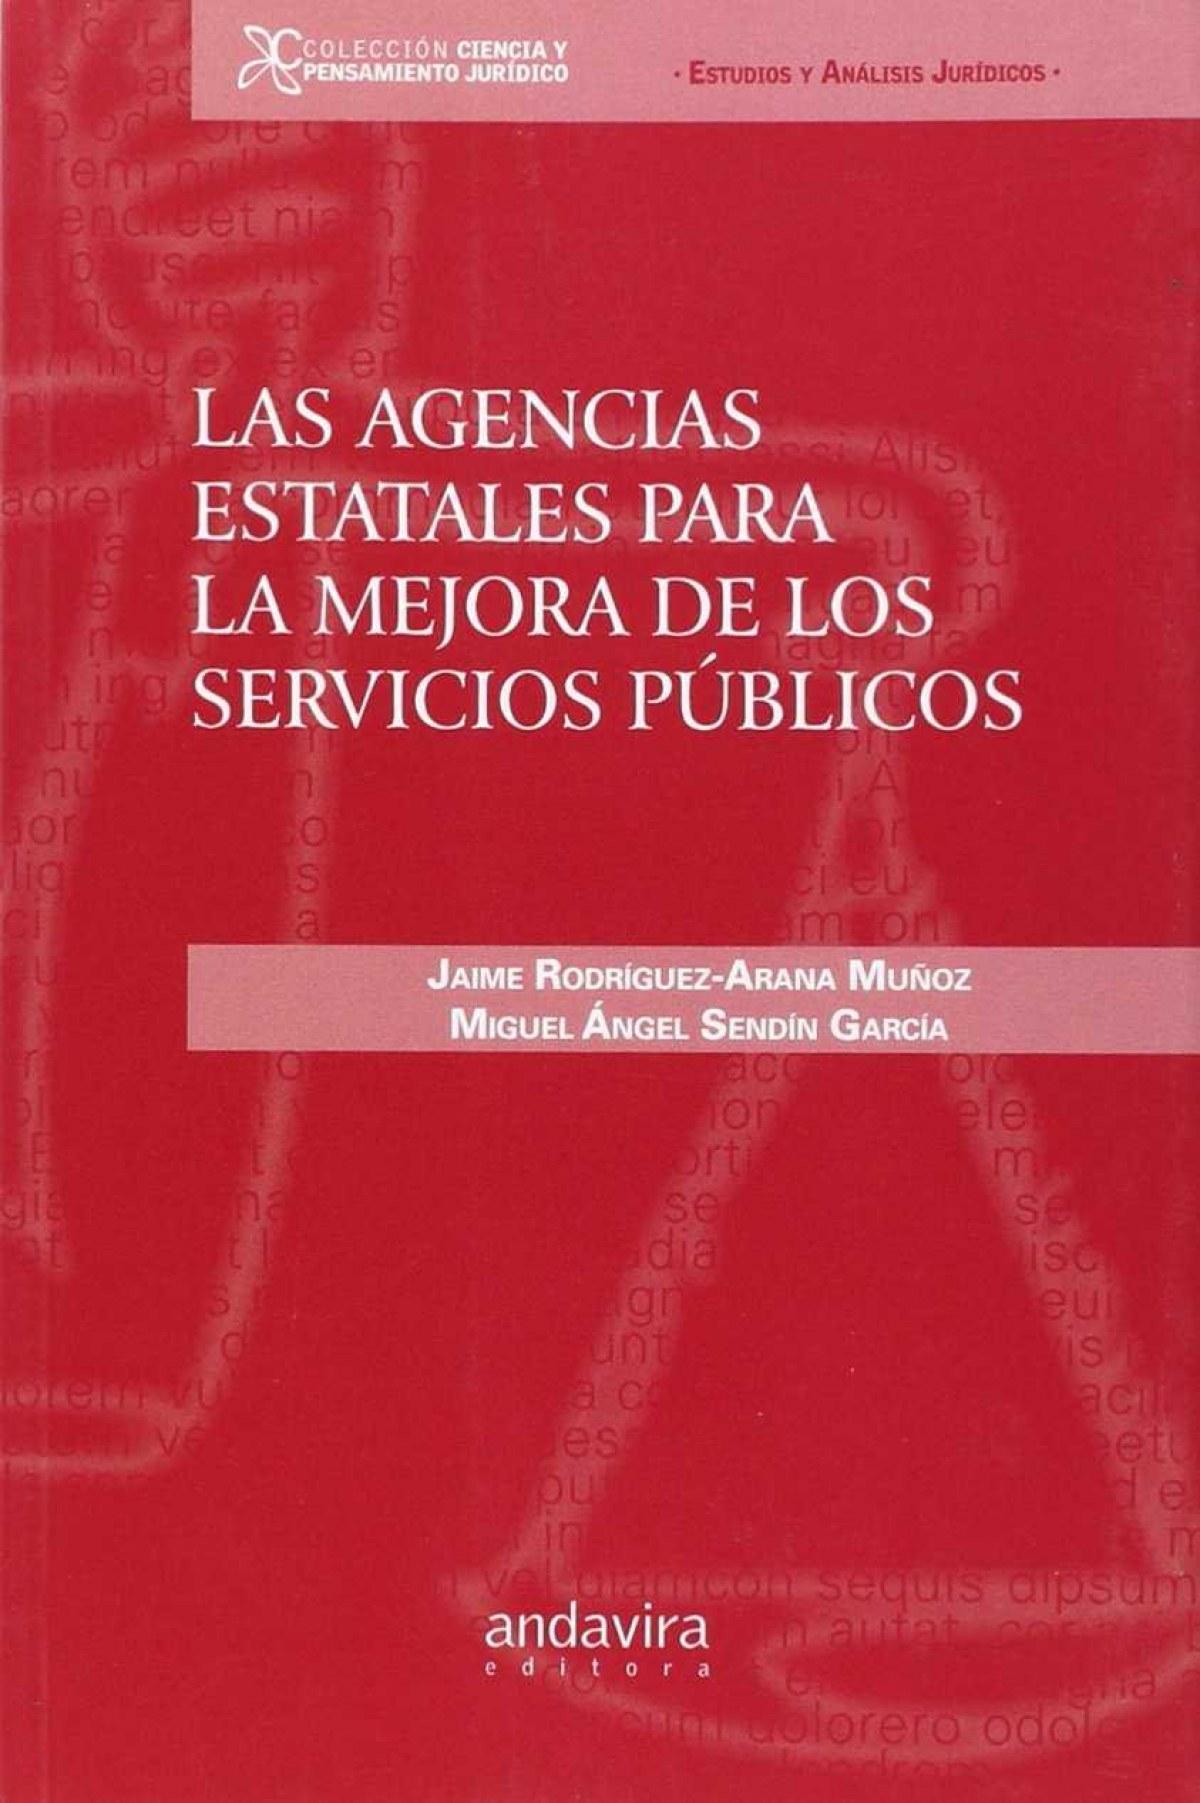 Agencias estatales para la mejora de los servicios p£blicos